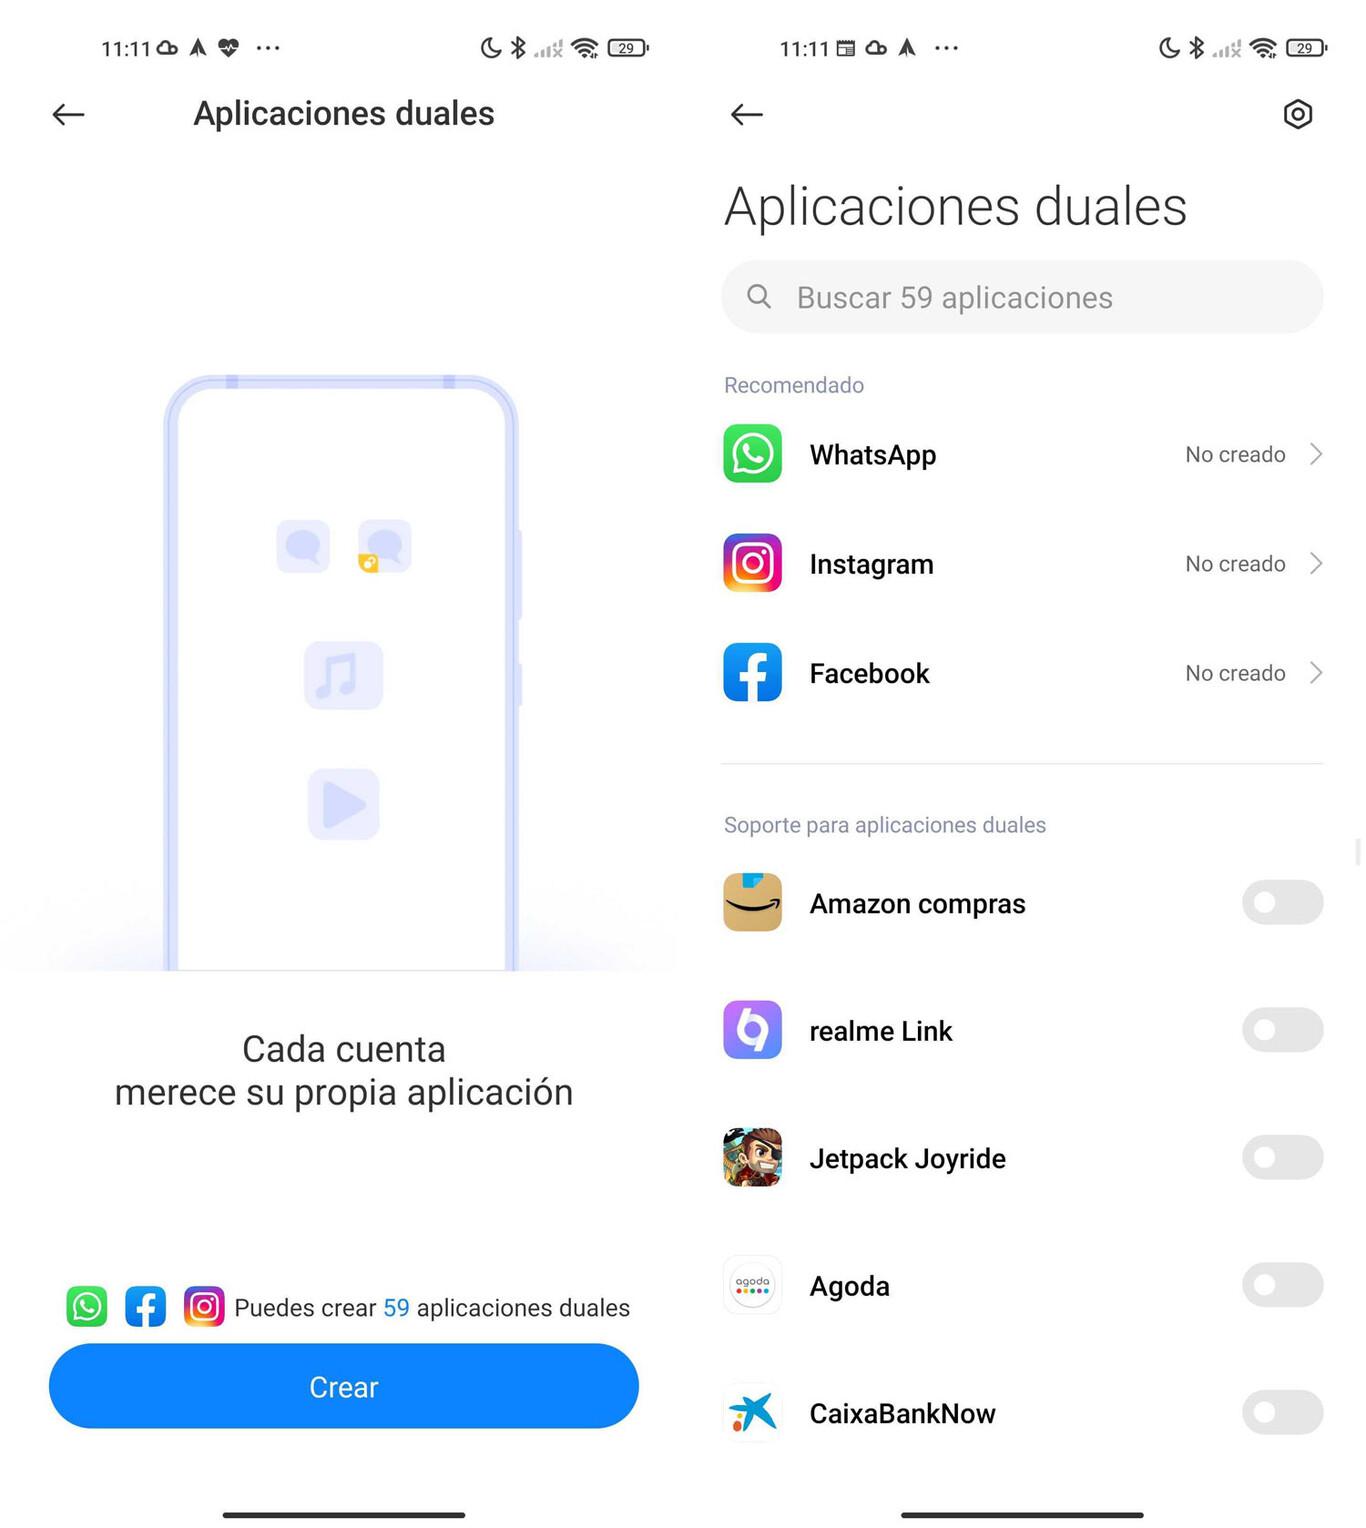 Xiaomi Dual Apps